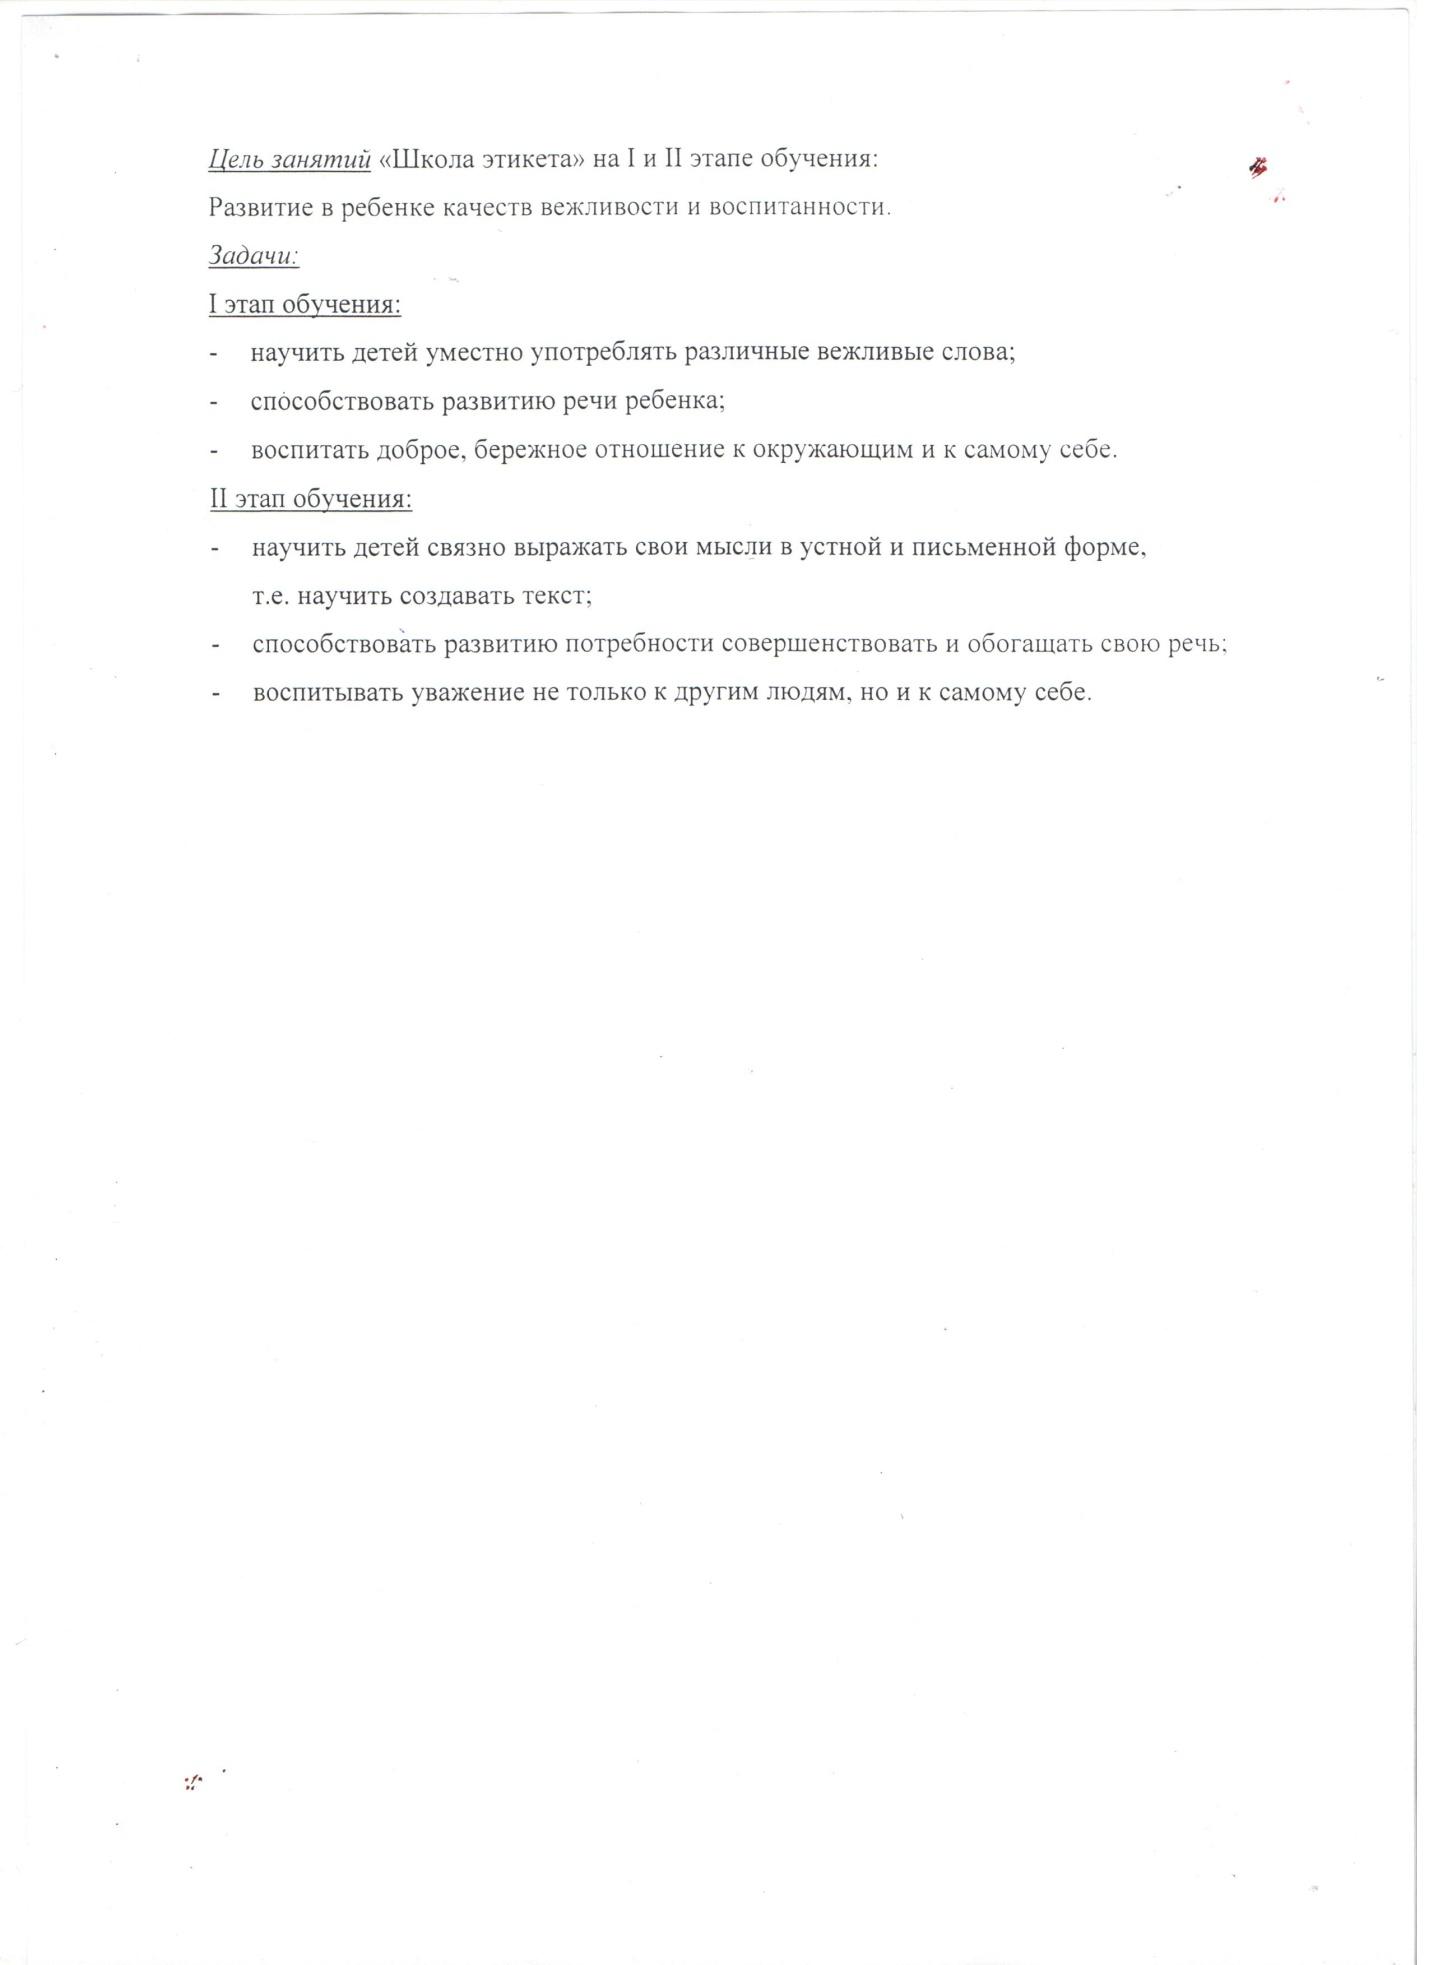 C:\Users\pk0001\Desktop\програма школа этикета\программа 3.jpeg